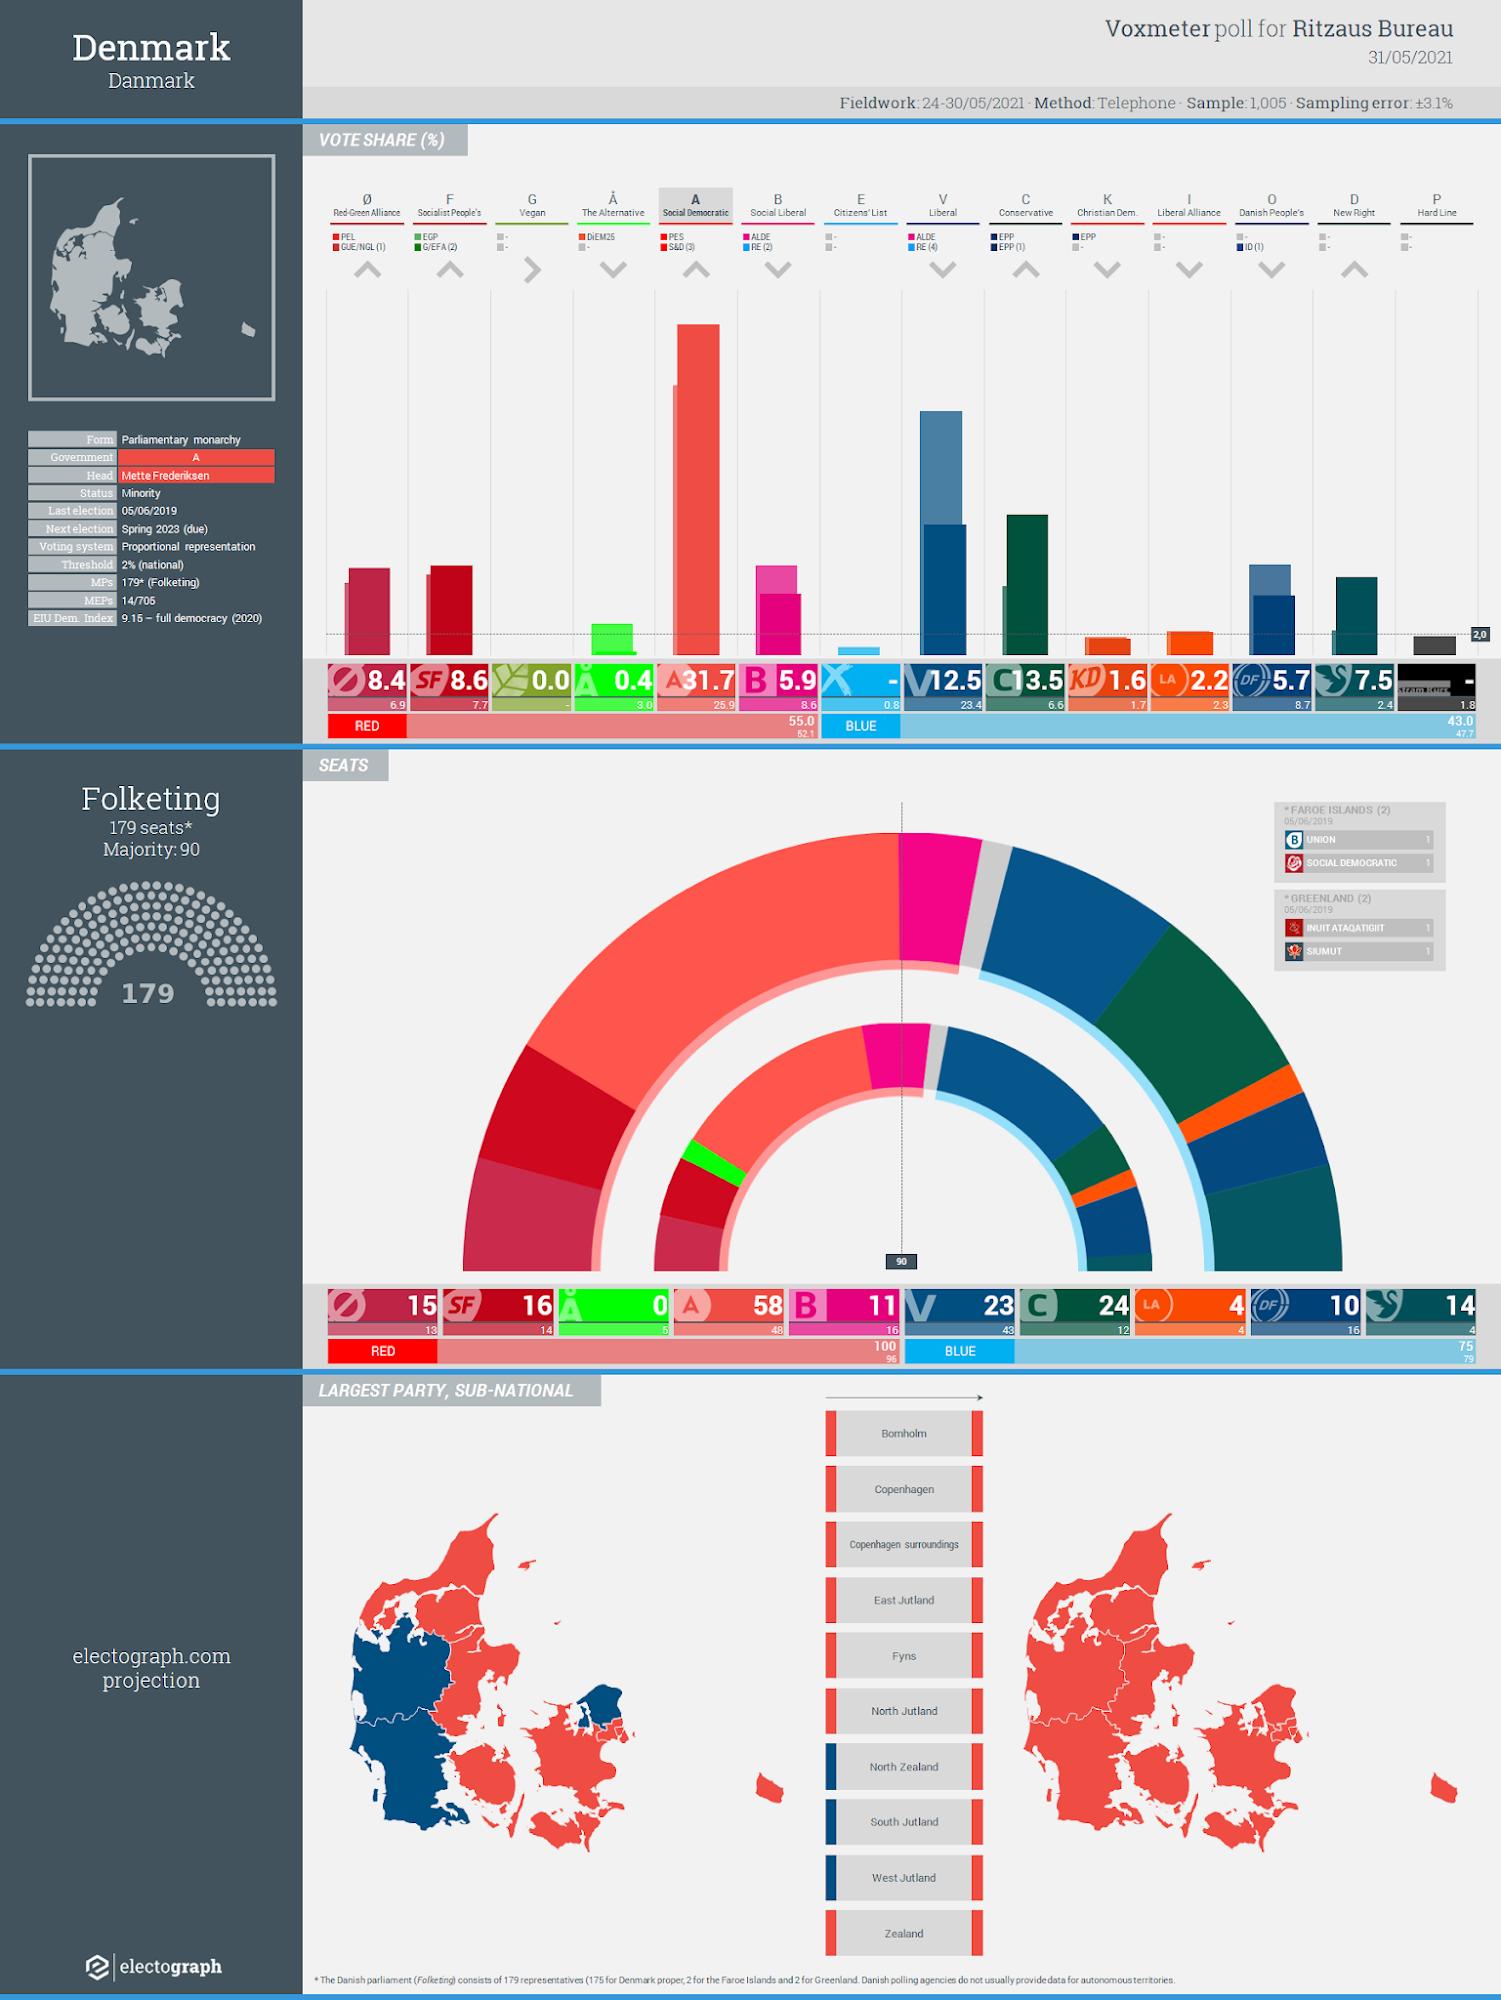 DENMARK: Voxmeter poll chart for Ritzaus Bureau, 31 May 2021